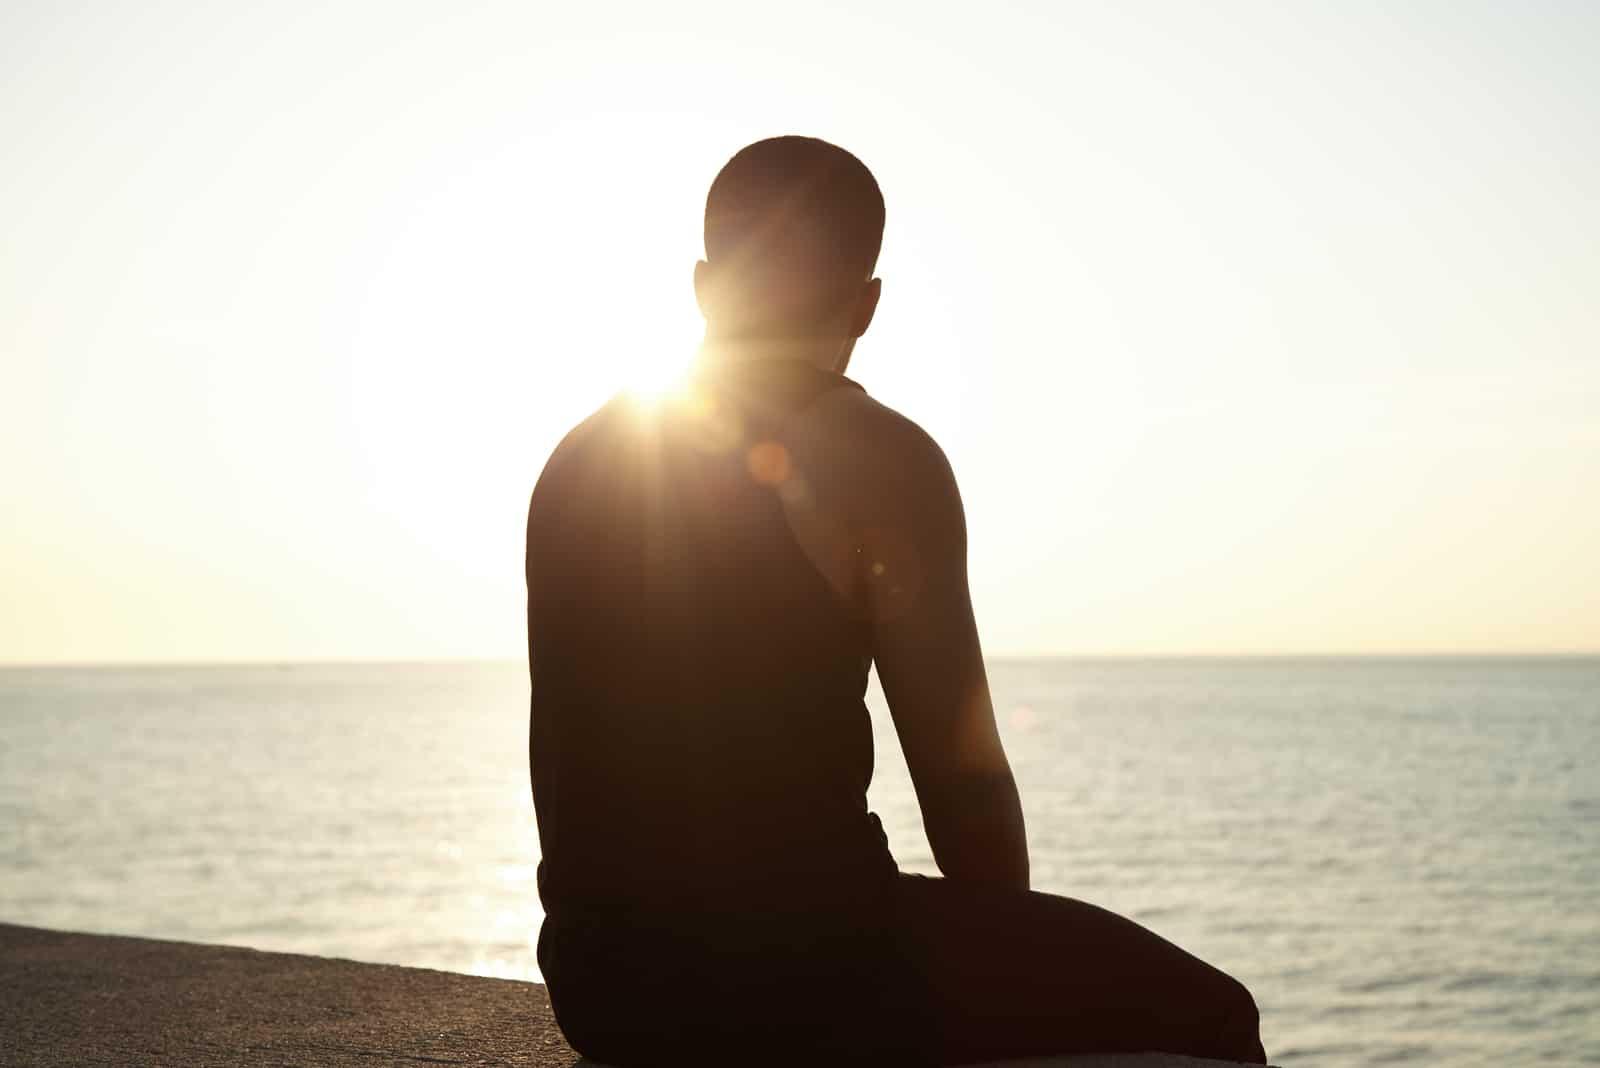 jeune homme assis sur les trottoirs au bord de mer en regardant le soleil